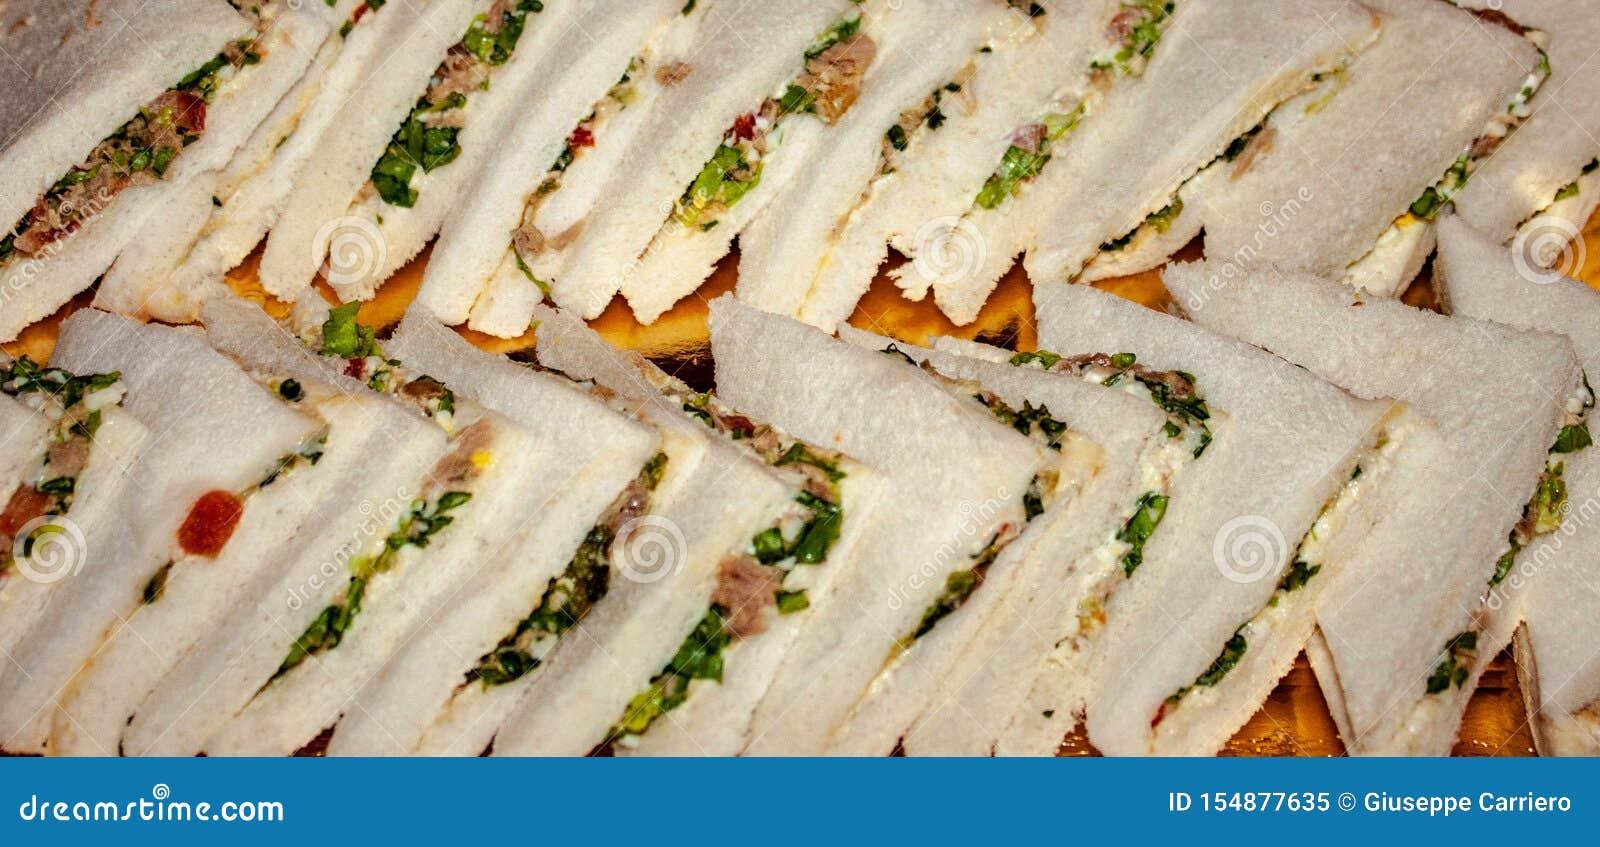 Τα νόστιμα σάντουιτς έτοιμα να, τοποθετημένος σε έναν δίσκο, το σάντουιτς, ψωμί που γεμίζεται με αυτό που θεωρείται καλύτερο είνα